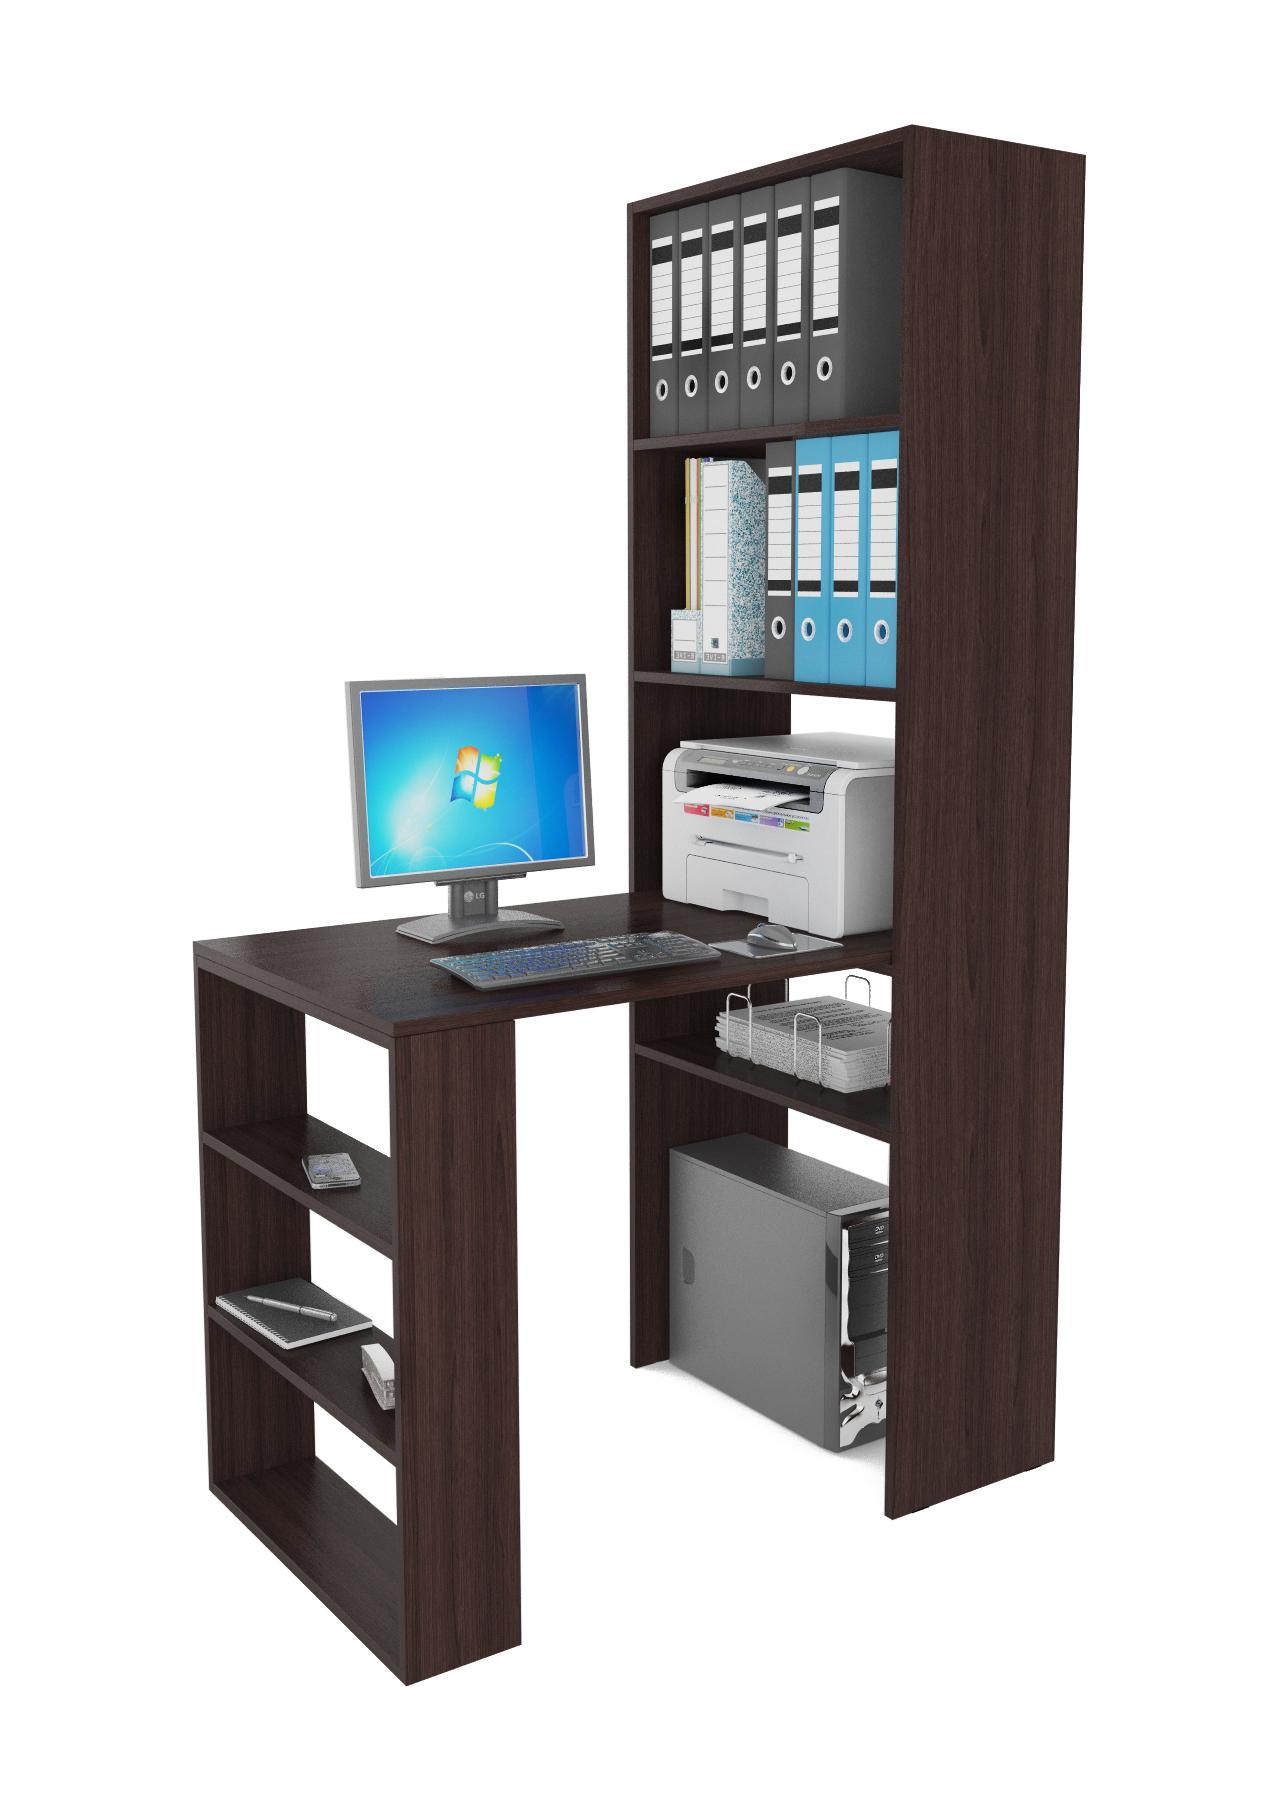 Компьютерный стол в комплекте МФ Мастер Рикс-4+Рикс-5 110x63,2x177, венге